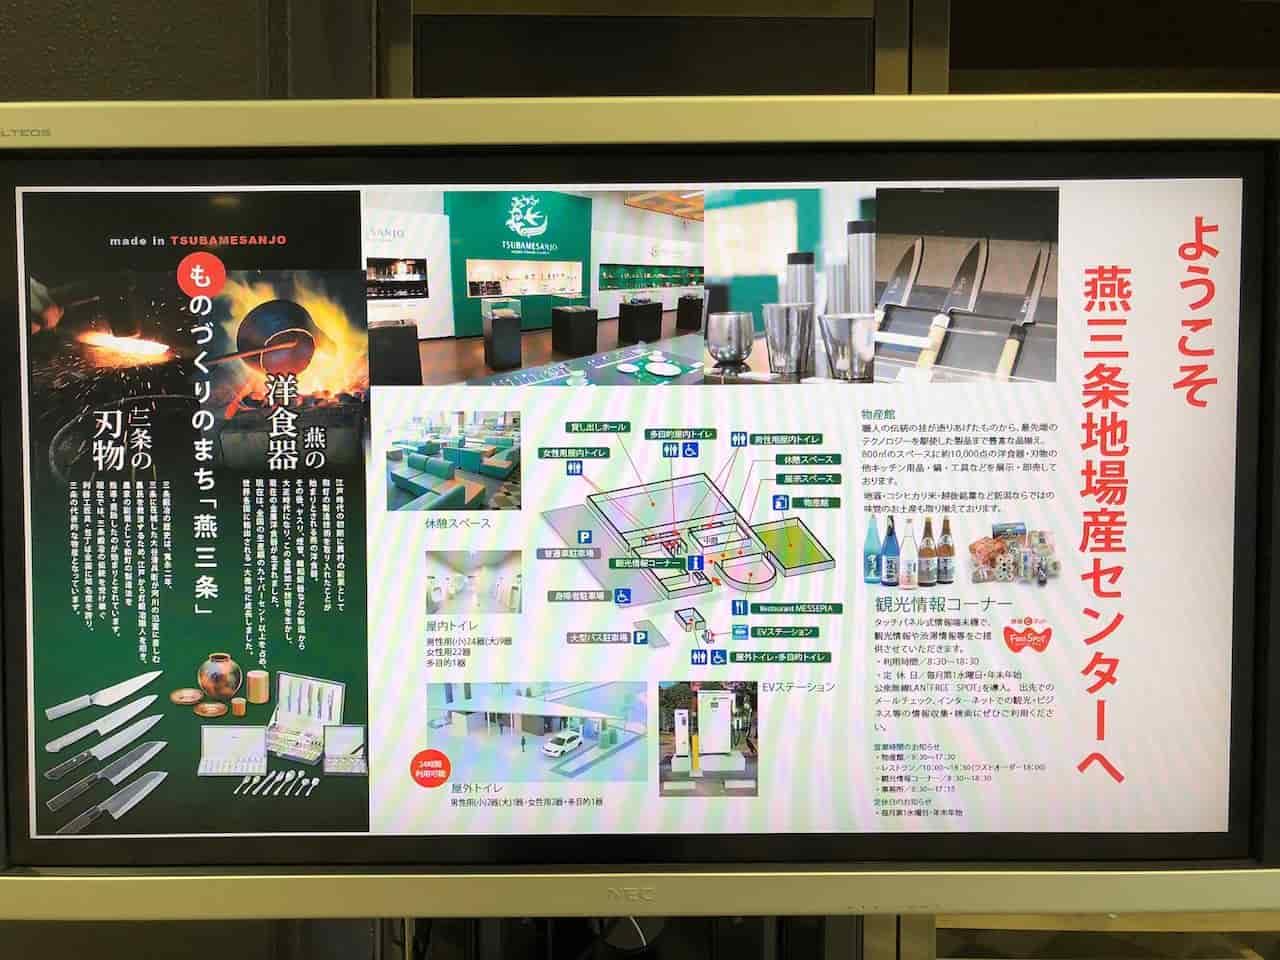 道の駅燕三条地場センターの館内マップ